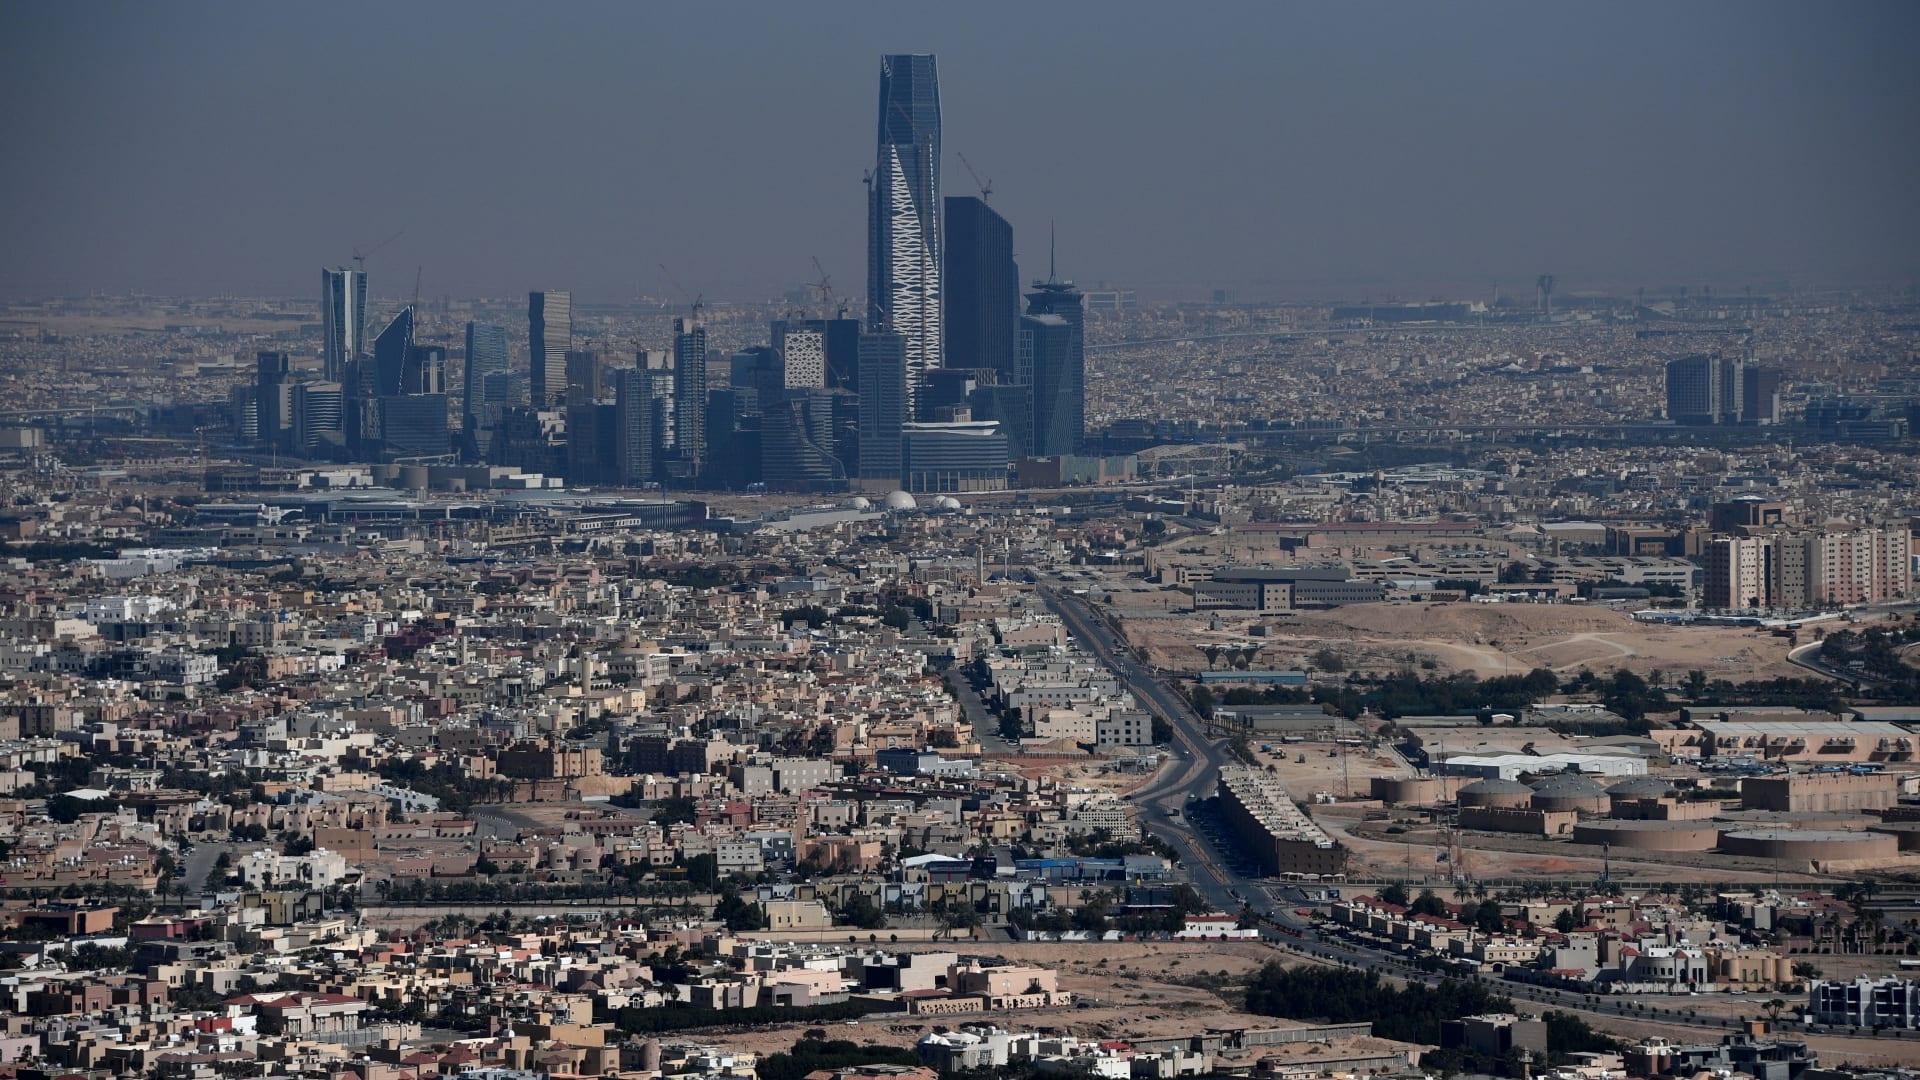 صورة أرشيفية عامة للعاصمة السعودية الرياض